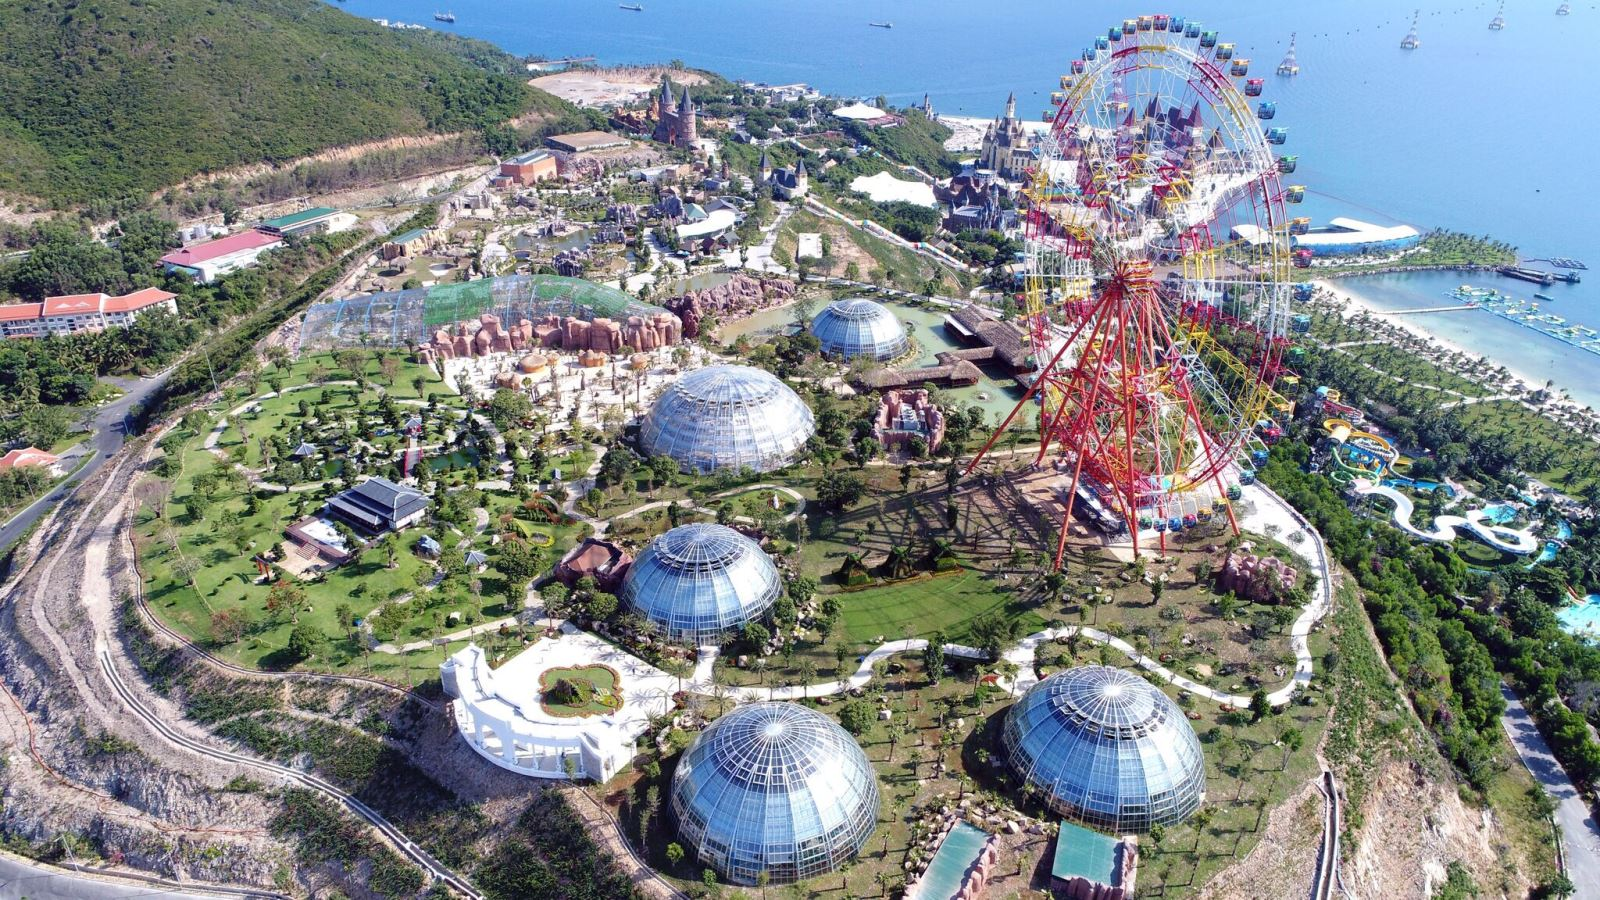 Sky Wheel nằm trong quần thể du lịch, nghỉ dưỡng, giải trí Vinpearl tại đảo Hòn Tre, Nha Trang